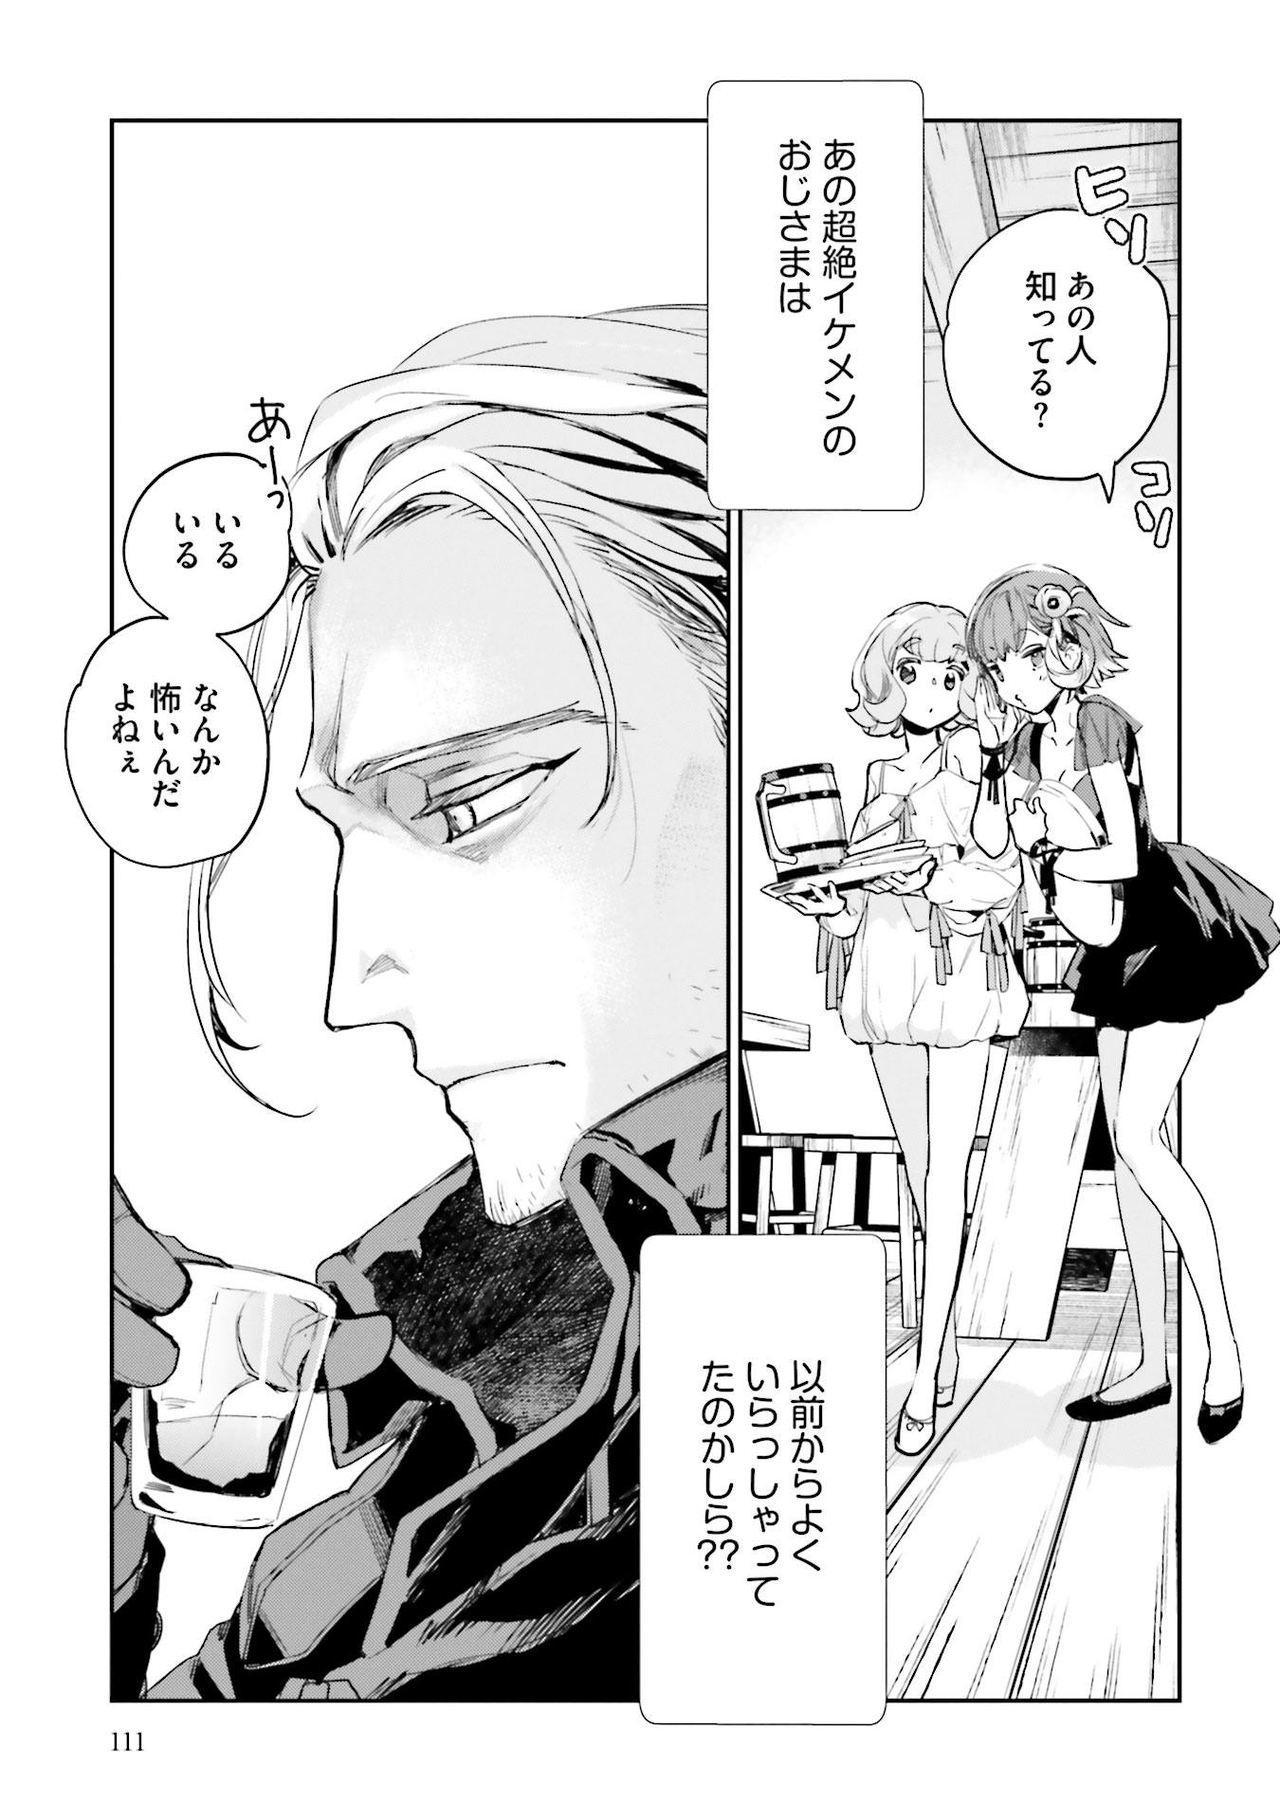 JK Haru wa Isekai de Shoufu ni Natta 1-14 299